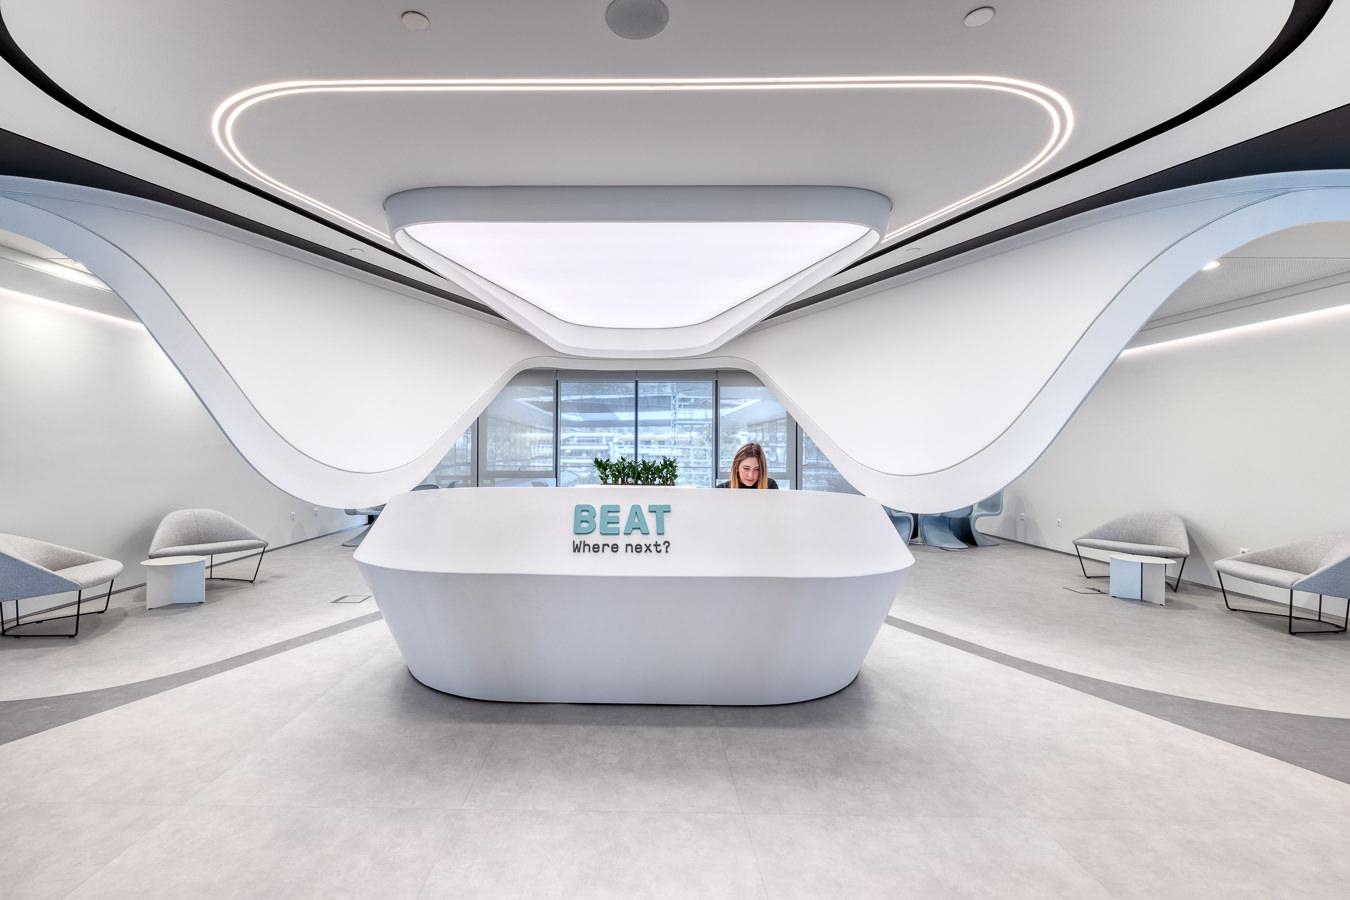 Beat Headquarters, Γιώργος Φάκαρος - Αρχιτεκτονική Φωτογραφία | Εσωτερικοί Χώροι | Φωτογραφία Ξενοδοχειών - Photography / Φωτογραφία